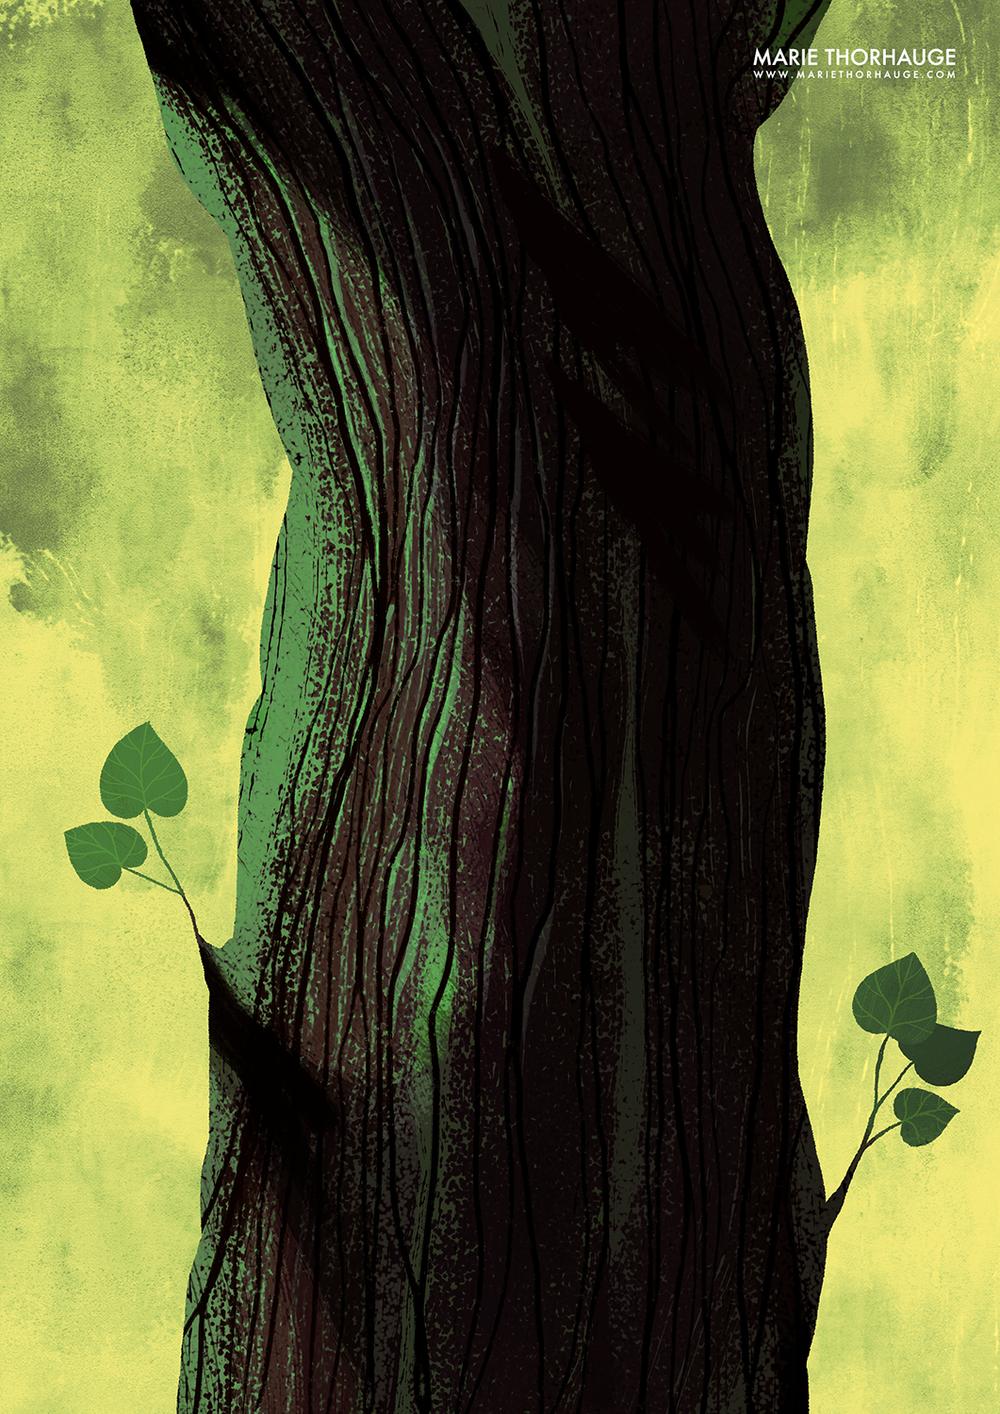 2016_Marie-Thorhauge_Tree_Linden.png